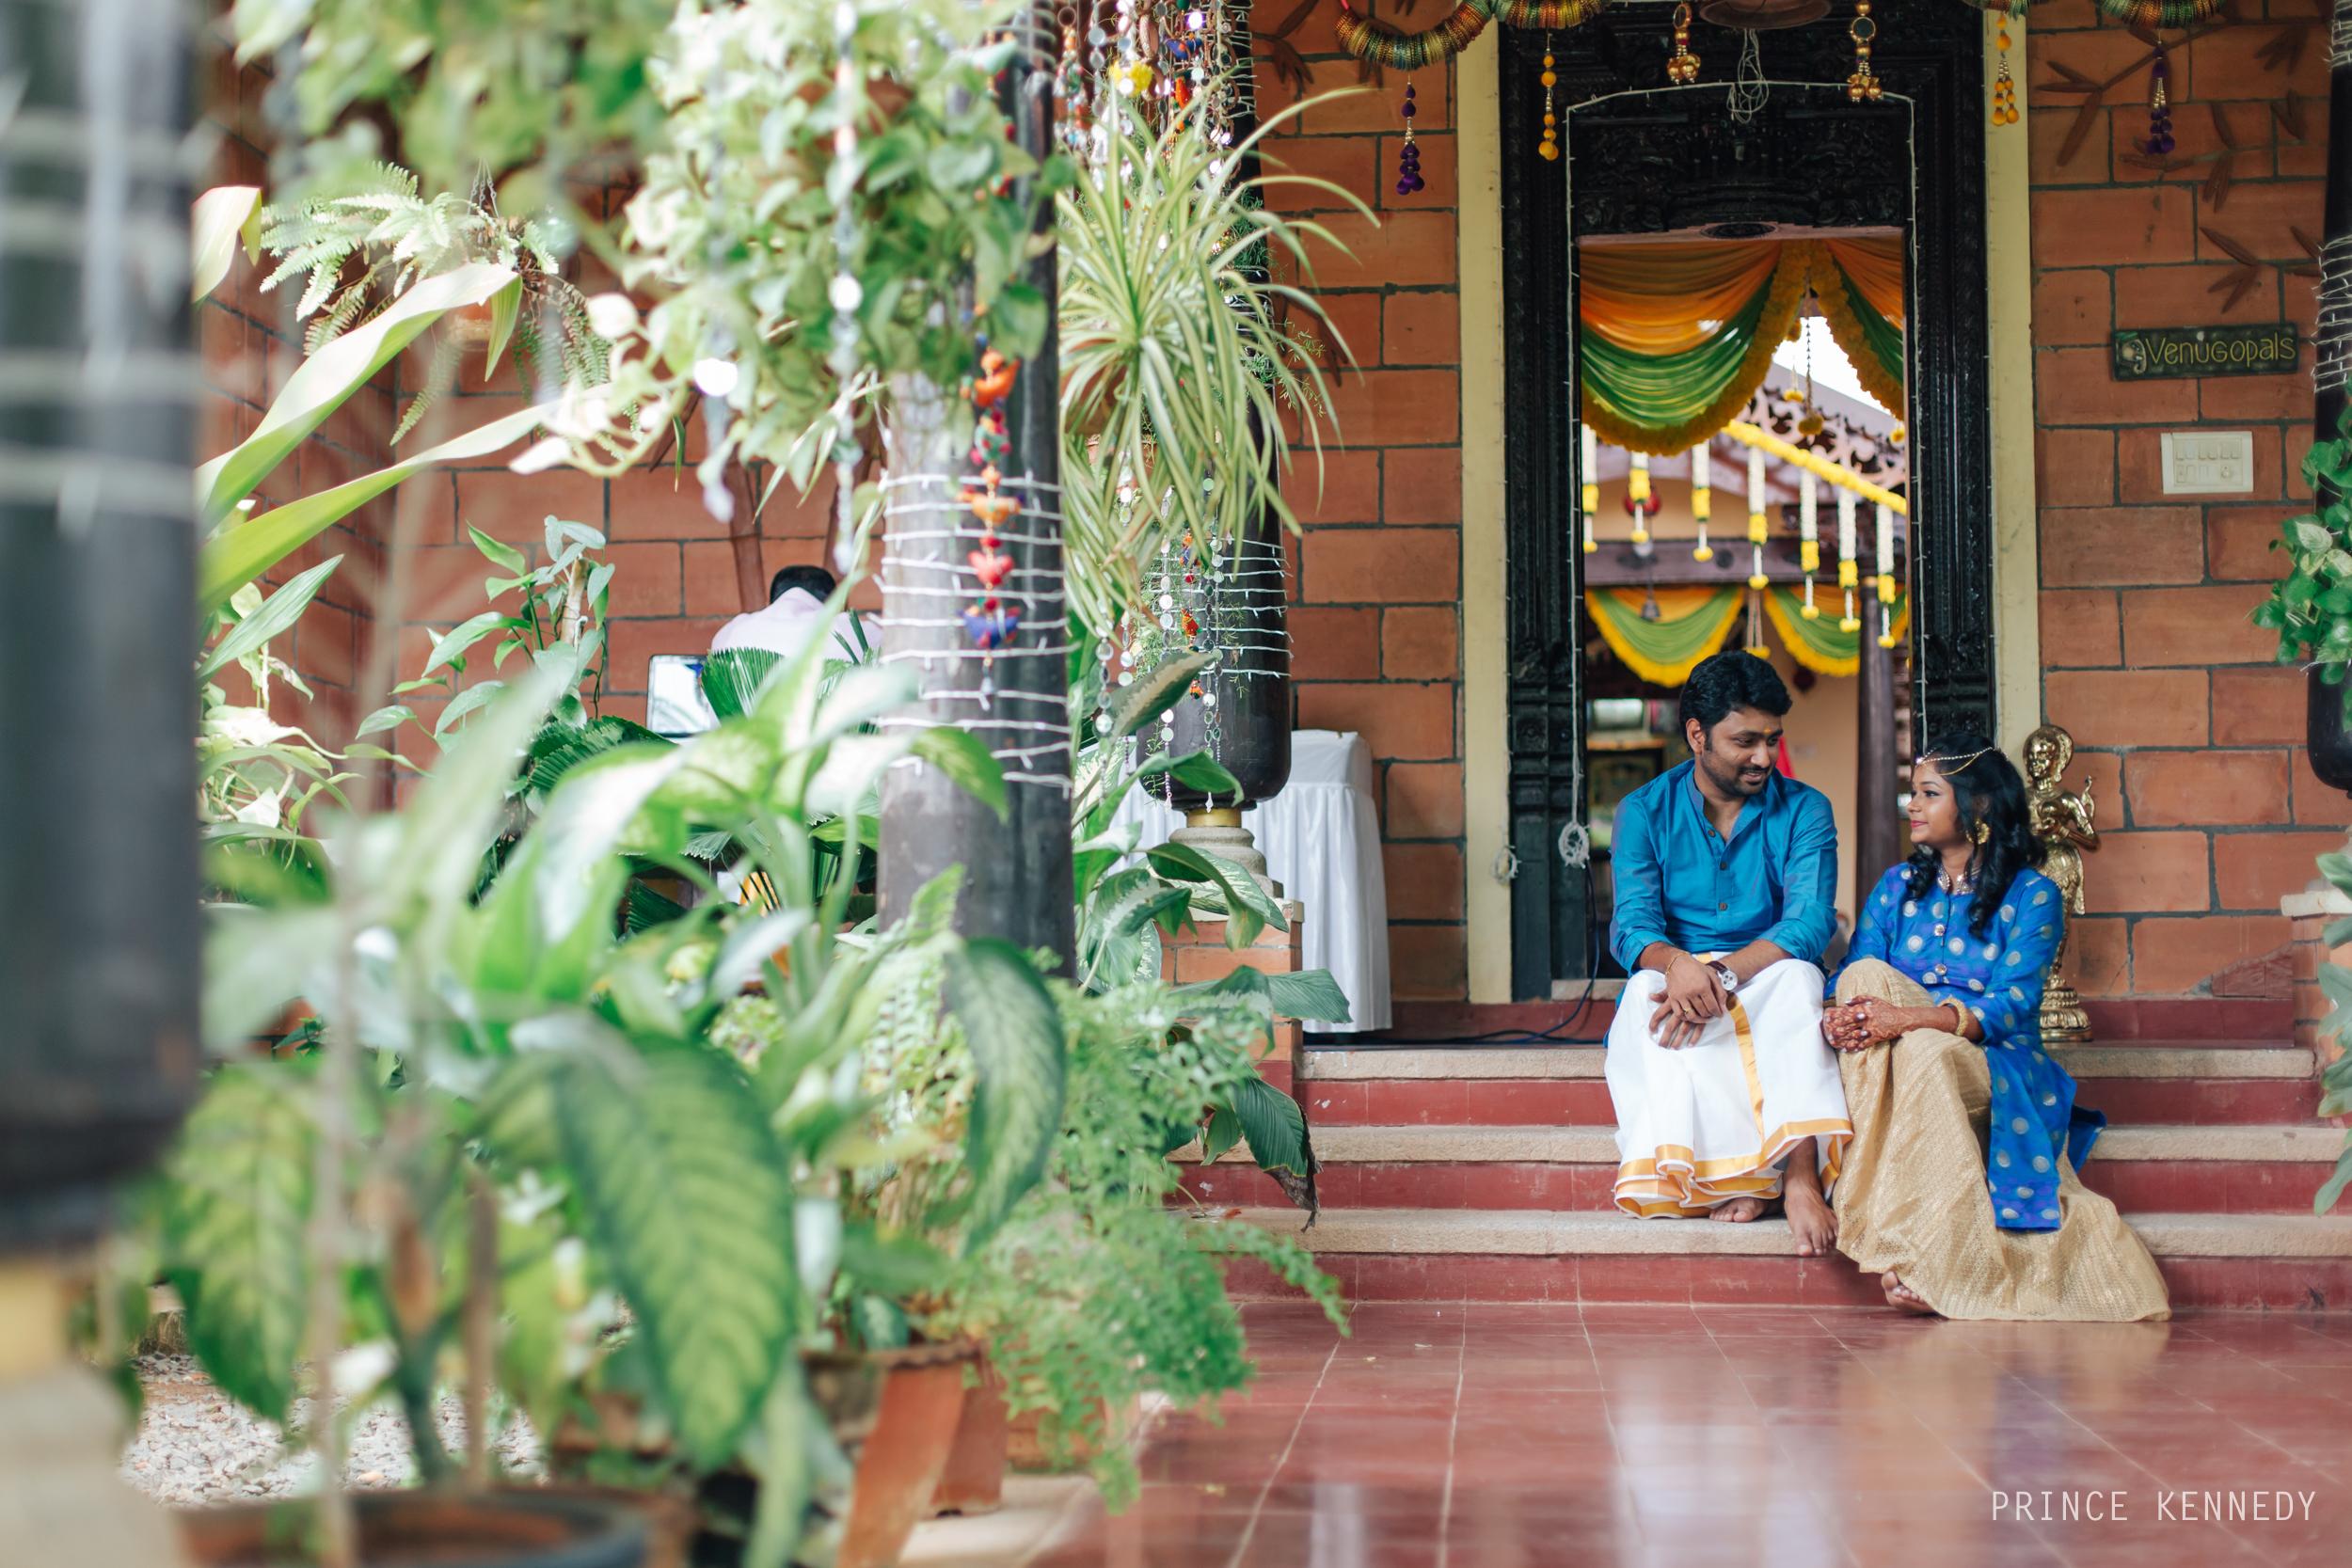 Engagement-Couple-Portrait-Portraiture-Wedding-Couple-Portrait-Chennai-Photographer-Candid-Photography-Destination-Best-Prince-Kennedy-Photography-67.jpg